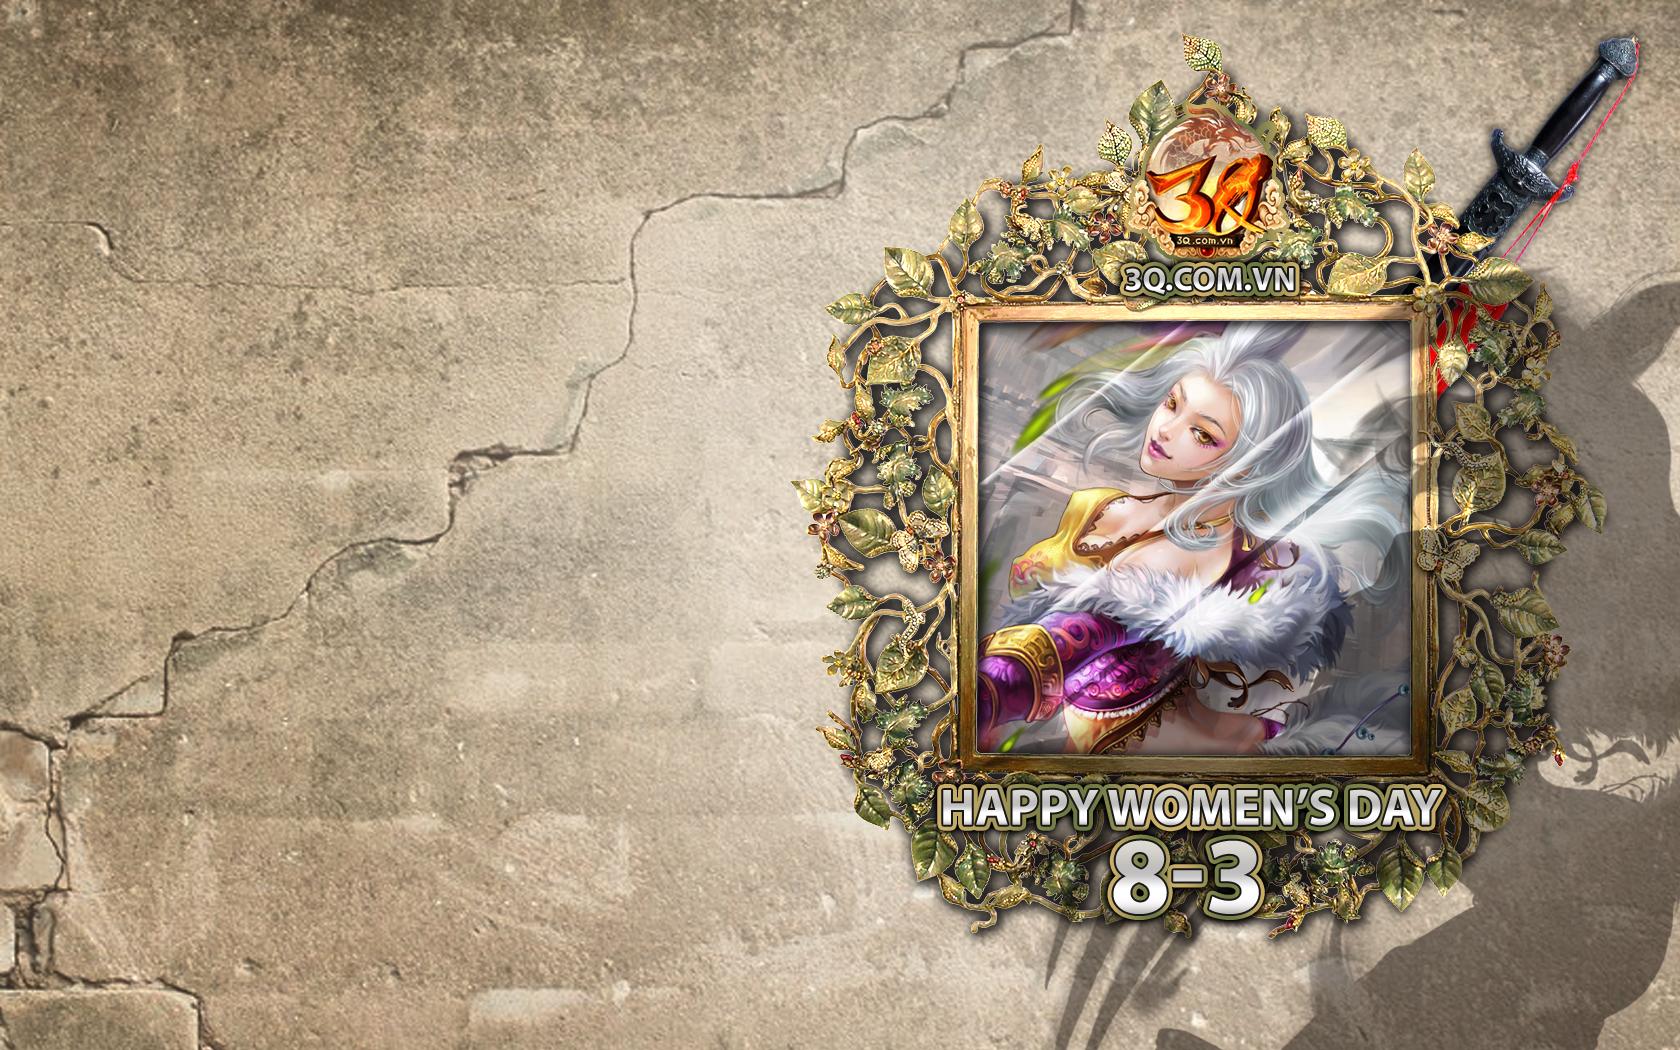 Mộng Tam Quốc tung hình nền đón ngày Quốc tế Phụ nữ